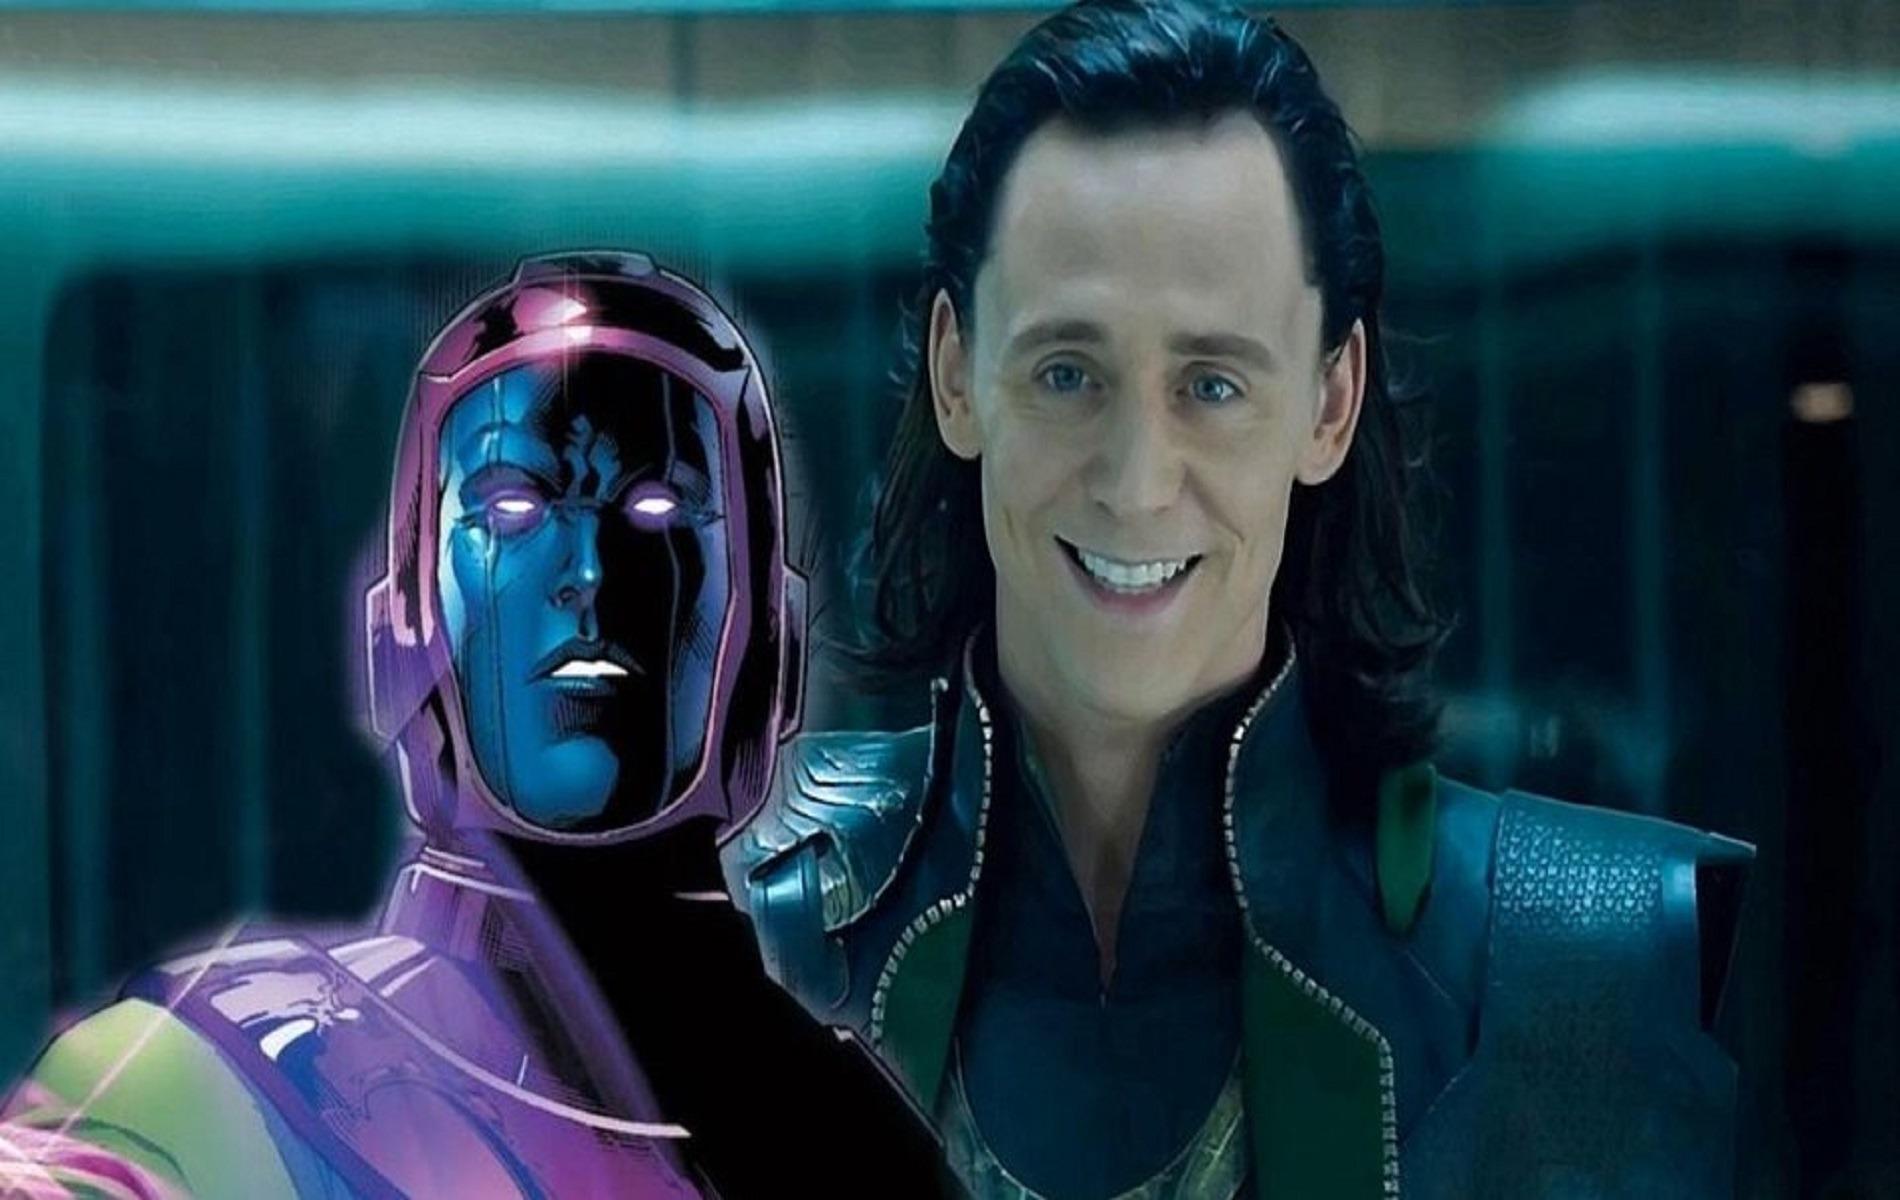 В сериале Локи может появиться Канг Завоеватель